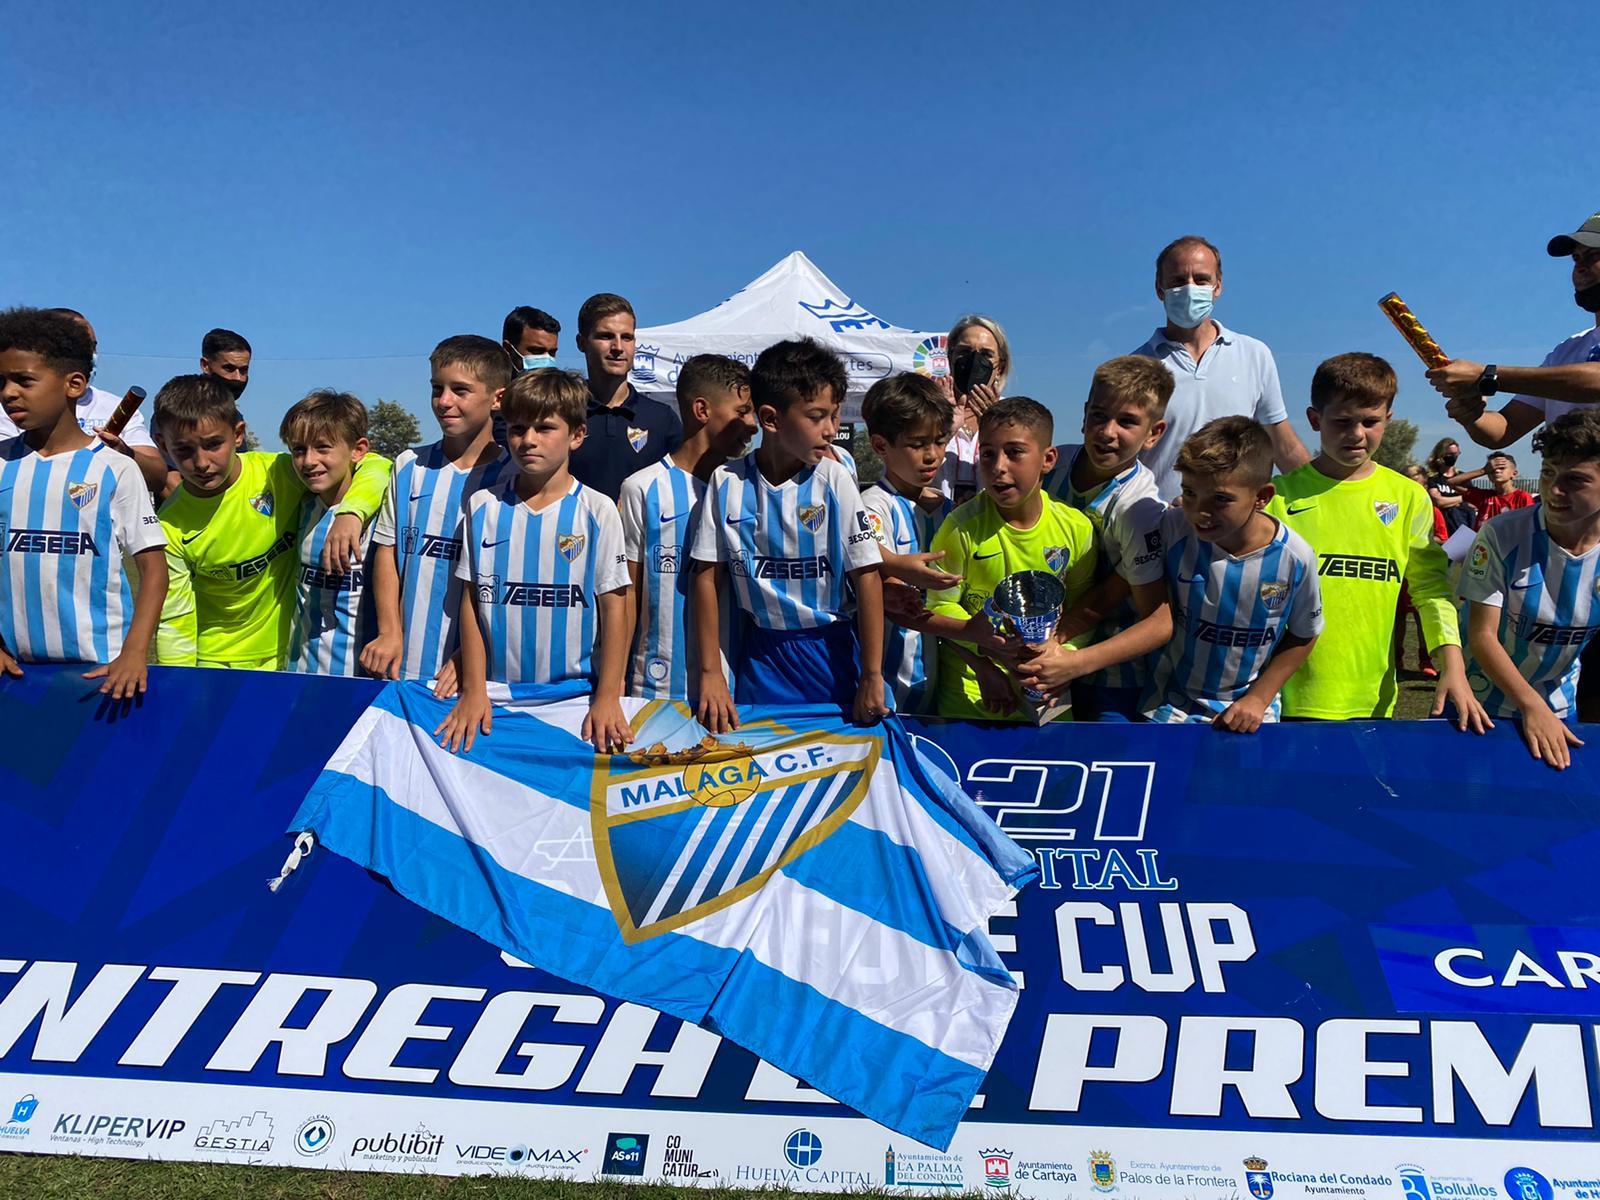 Éxito de participación y organización en la 'Gañafote Cup 2021', que convierte a Cartaya en epicentro del fútbol base en el fin de semana